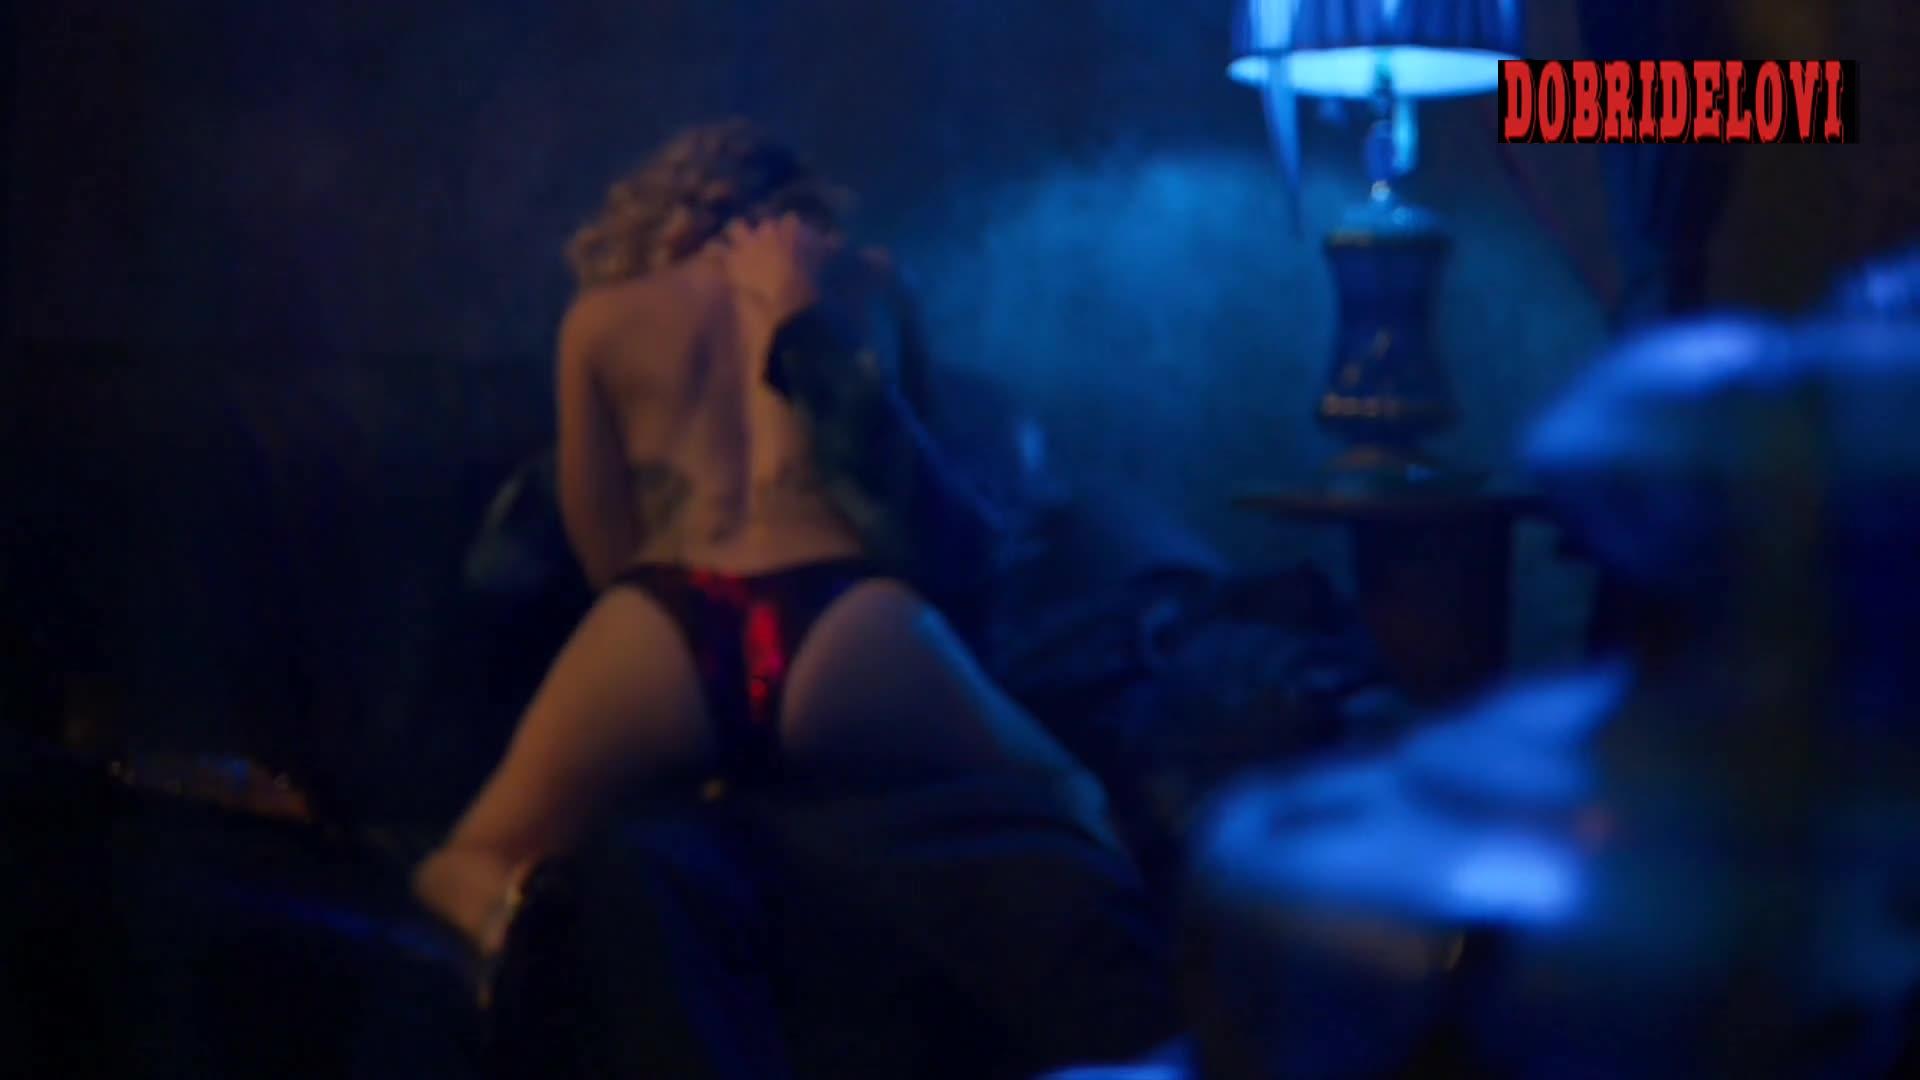 Skyler Joy interrupted sex scene from P-Valley